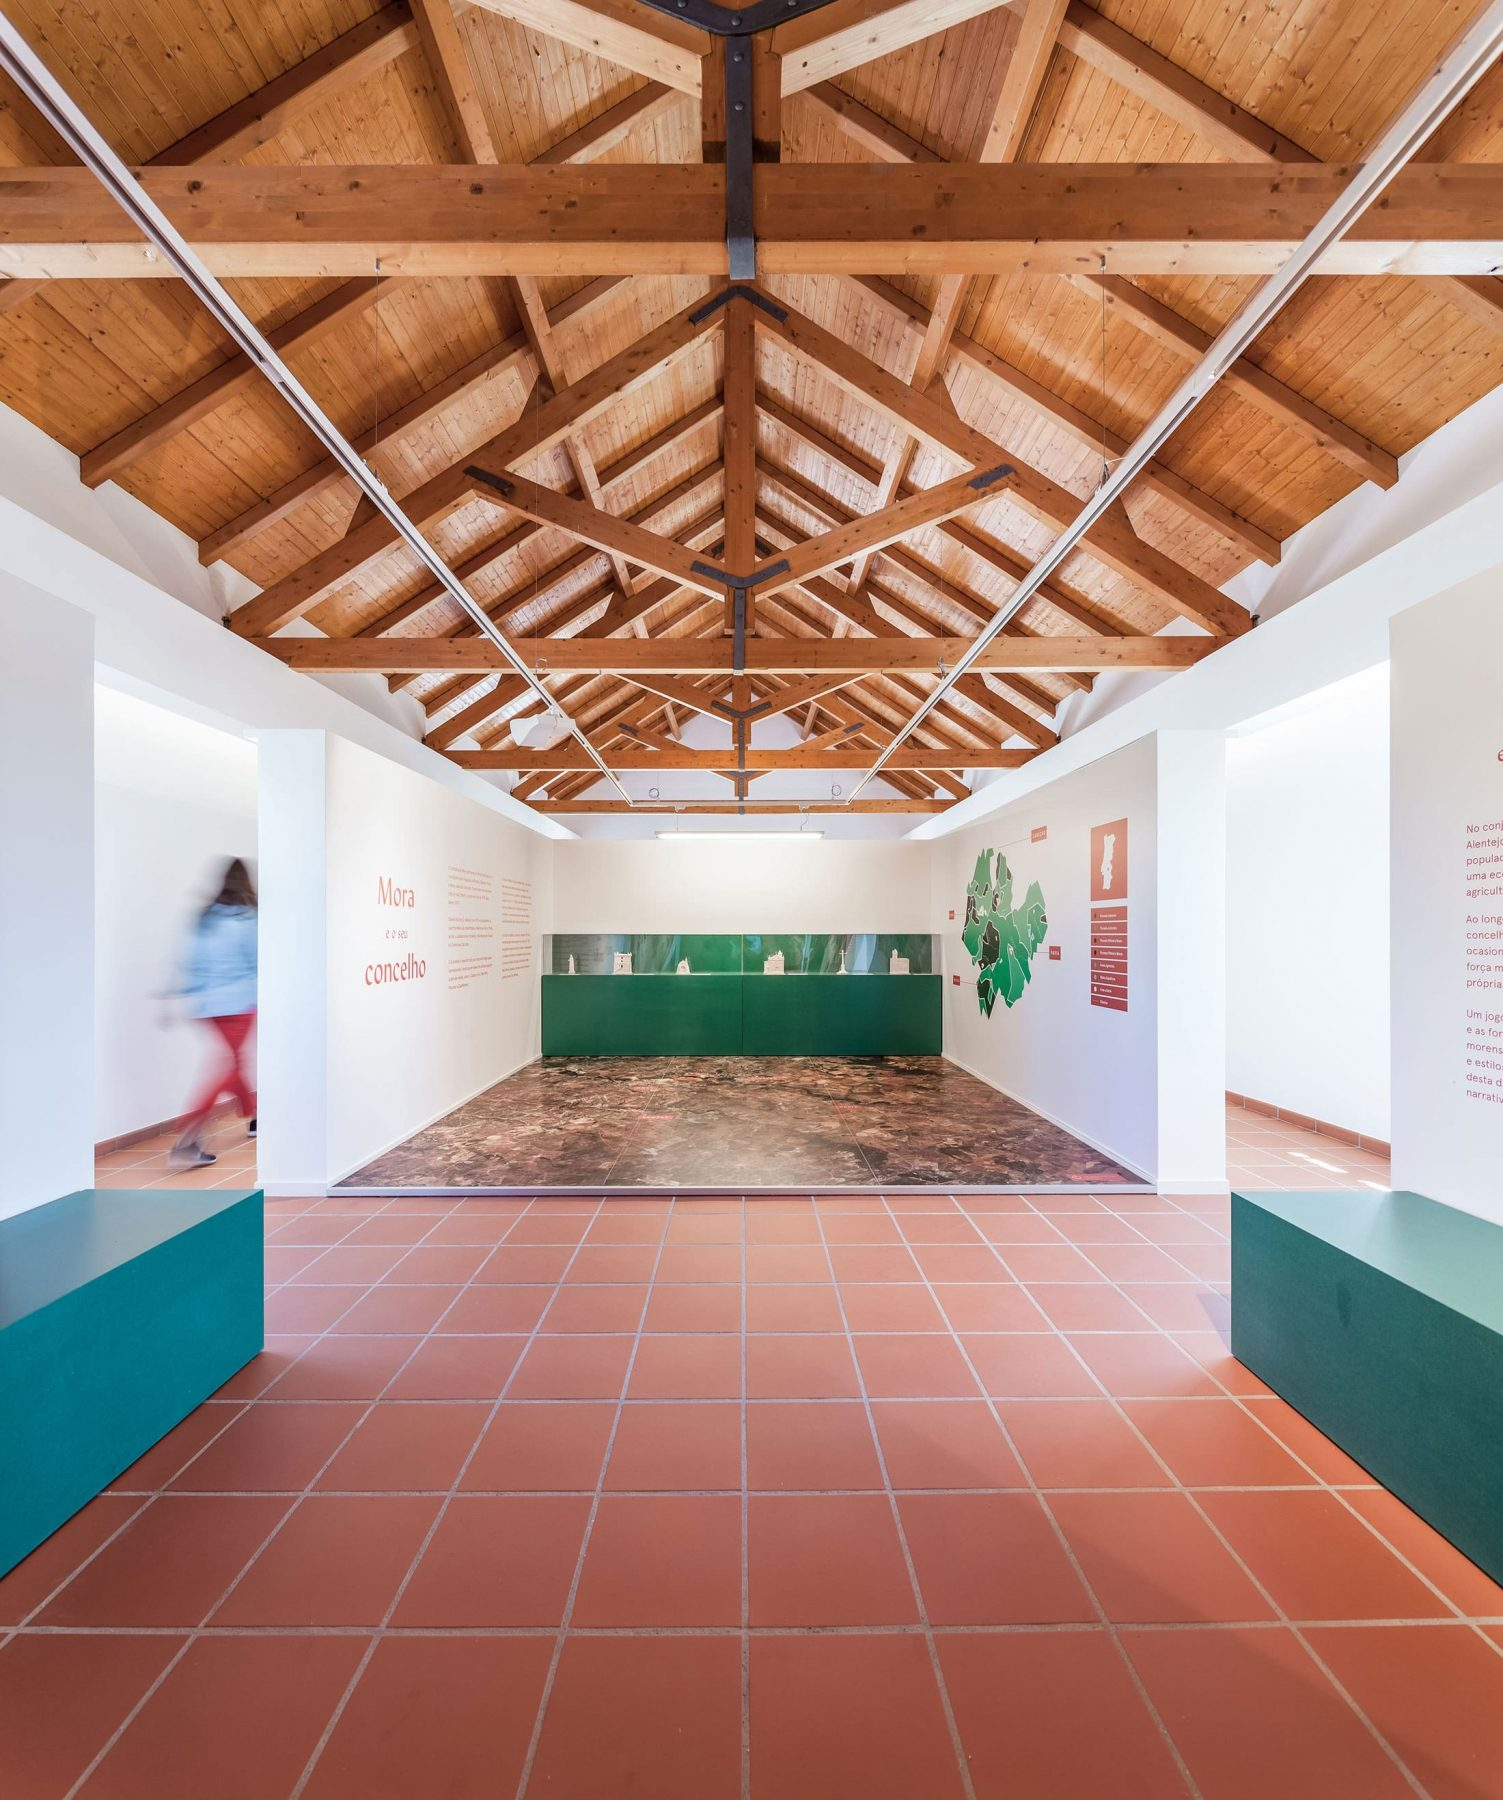 dc ad museum barroca architecture 07